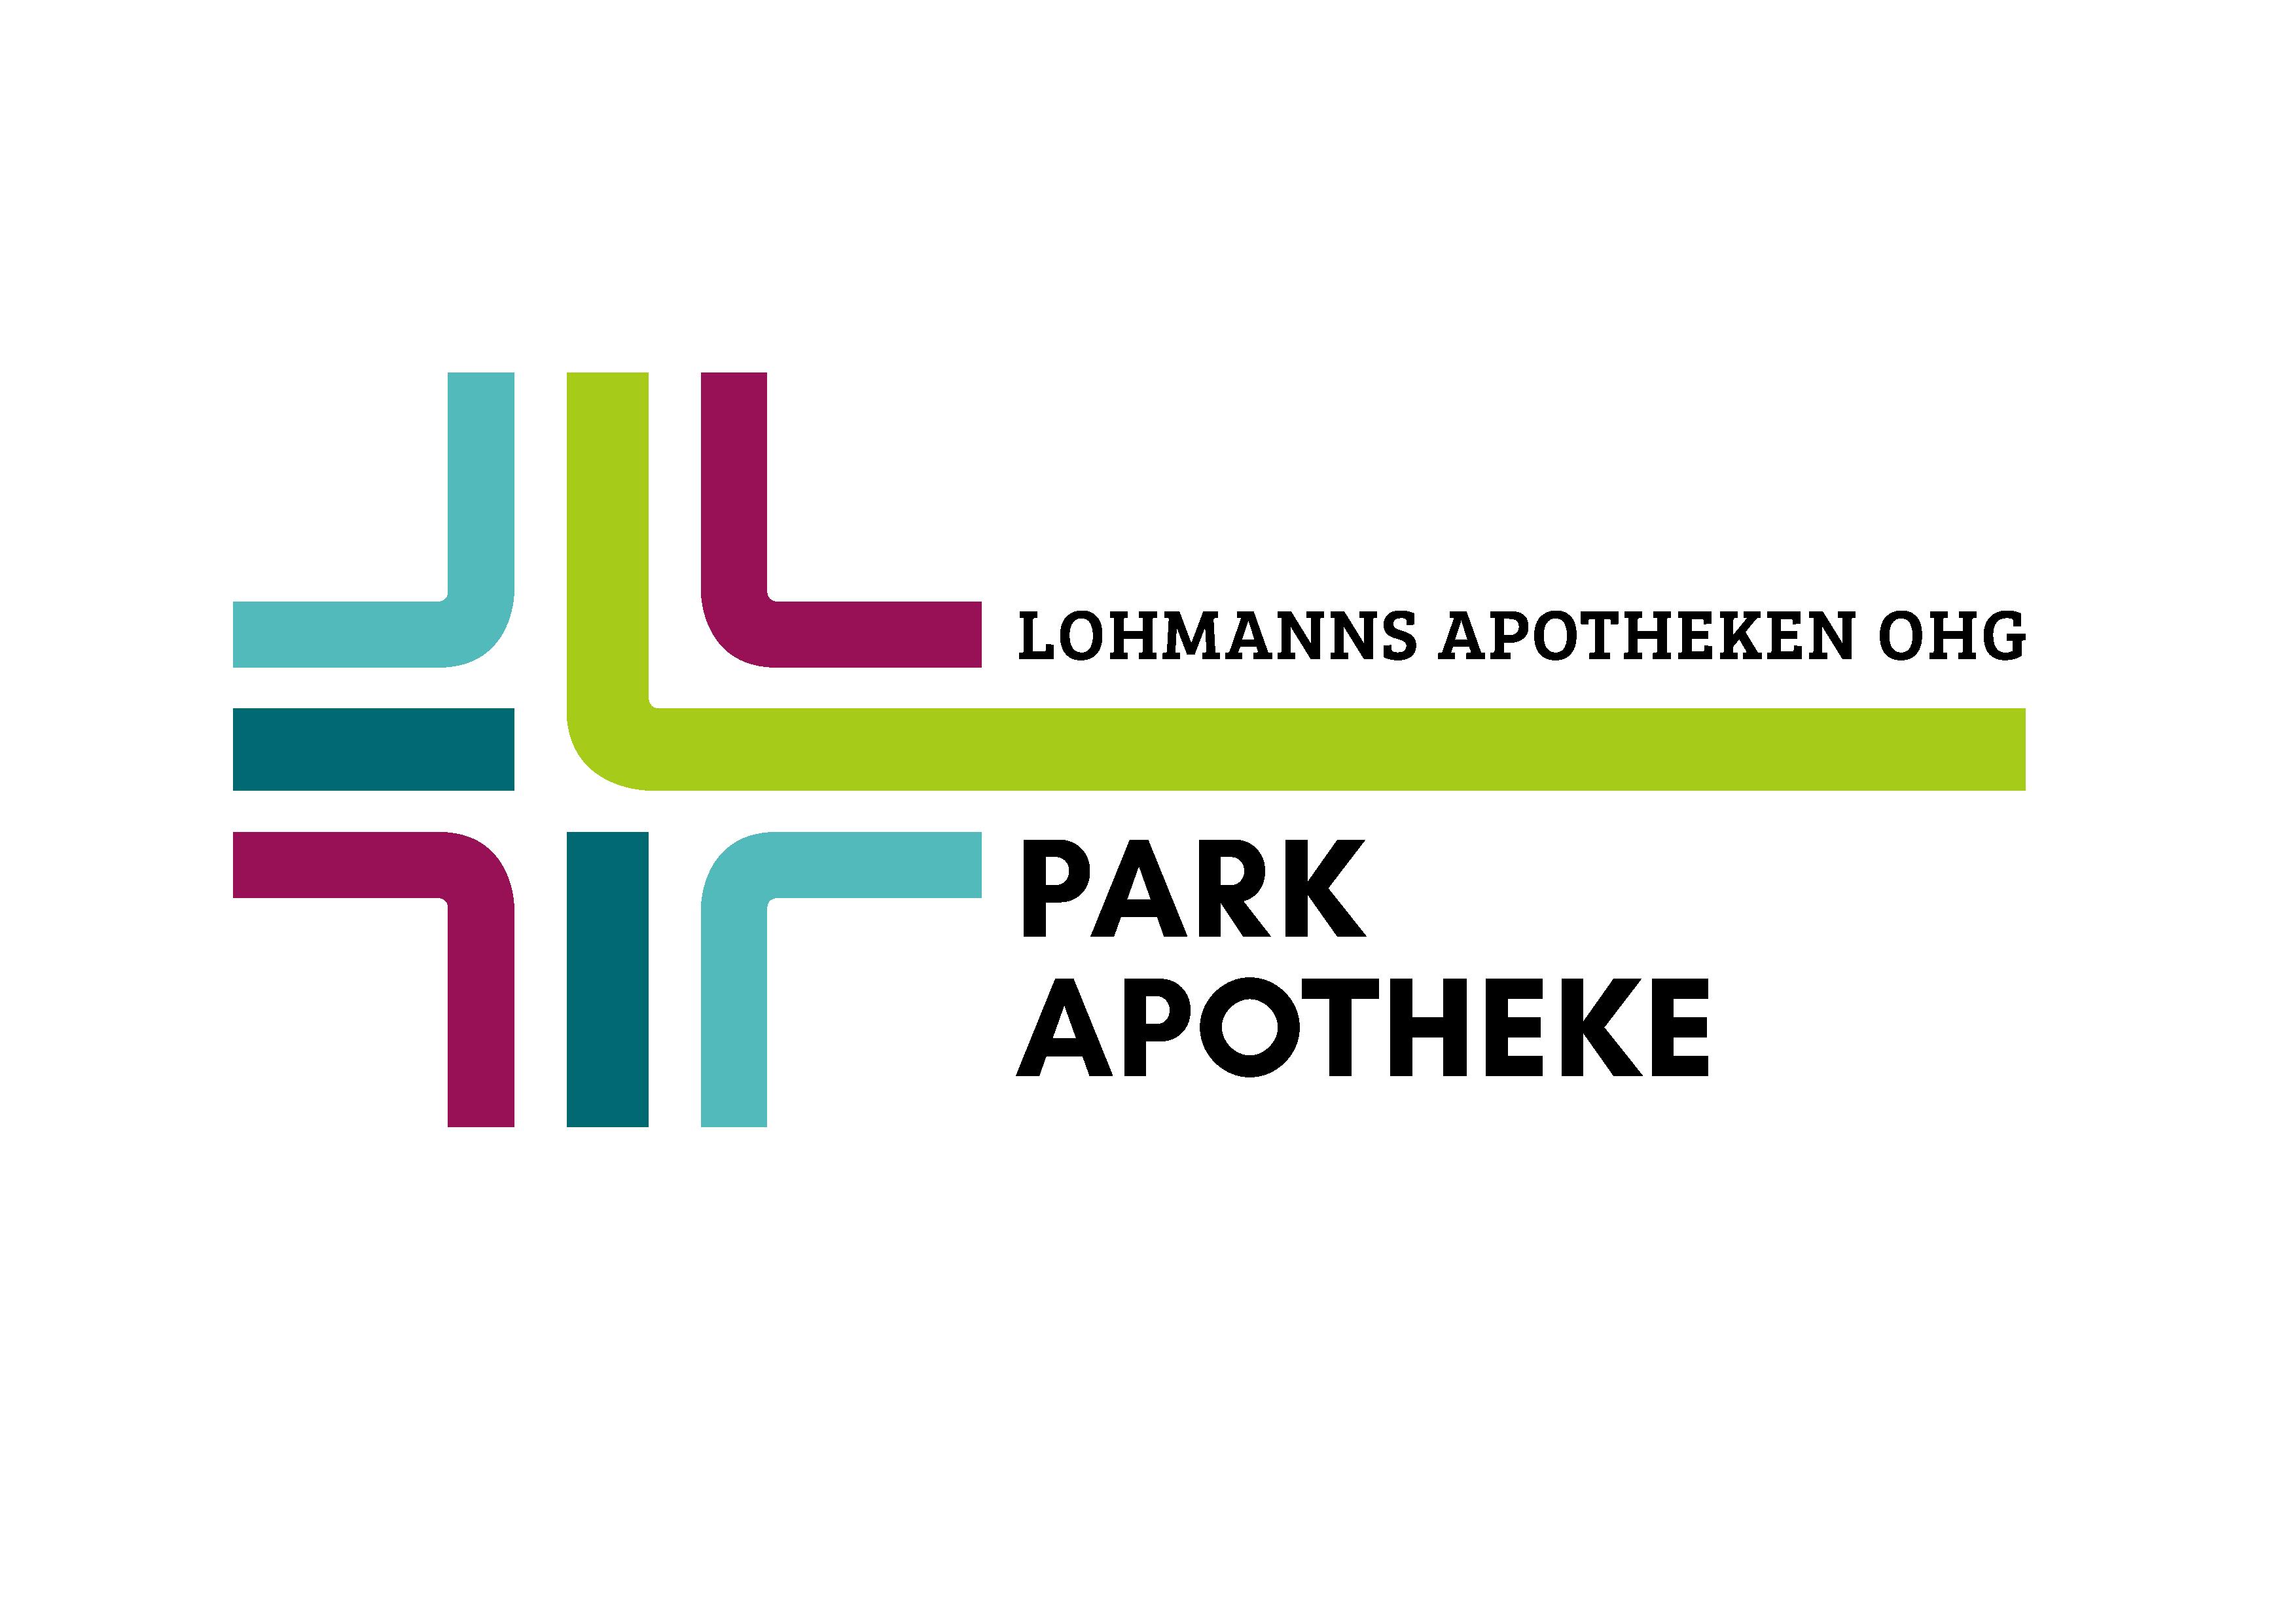 Logo der Park-Apotheke, Lohmanns Apotheken OHG